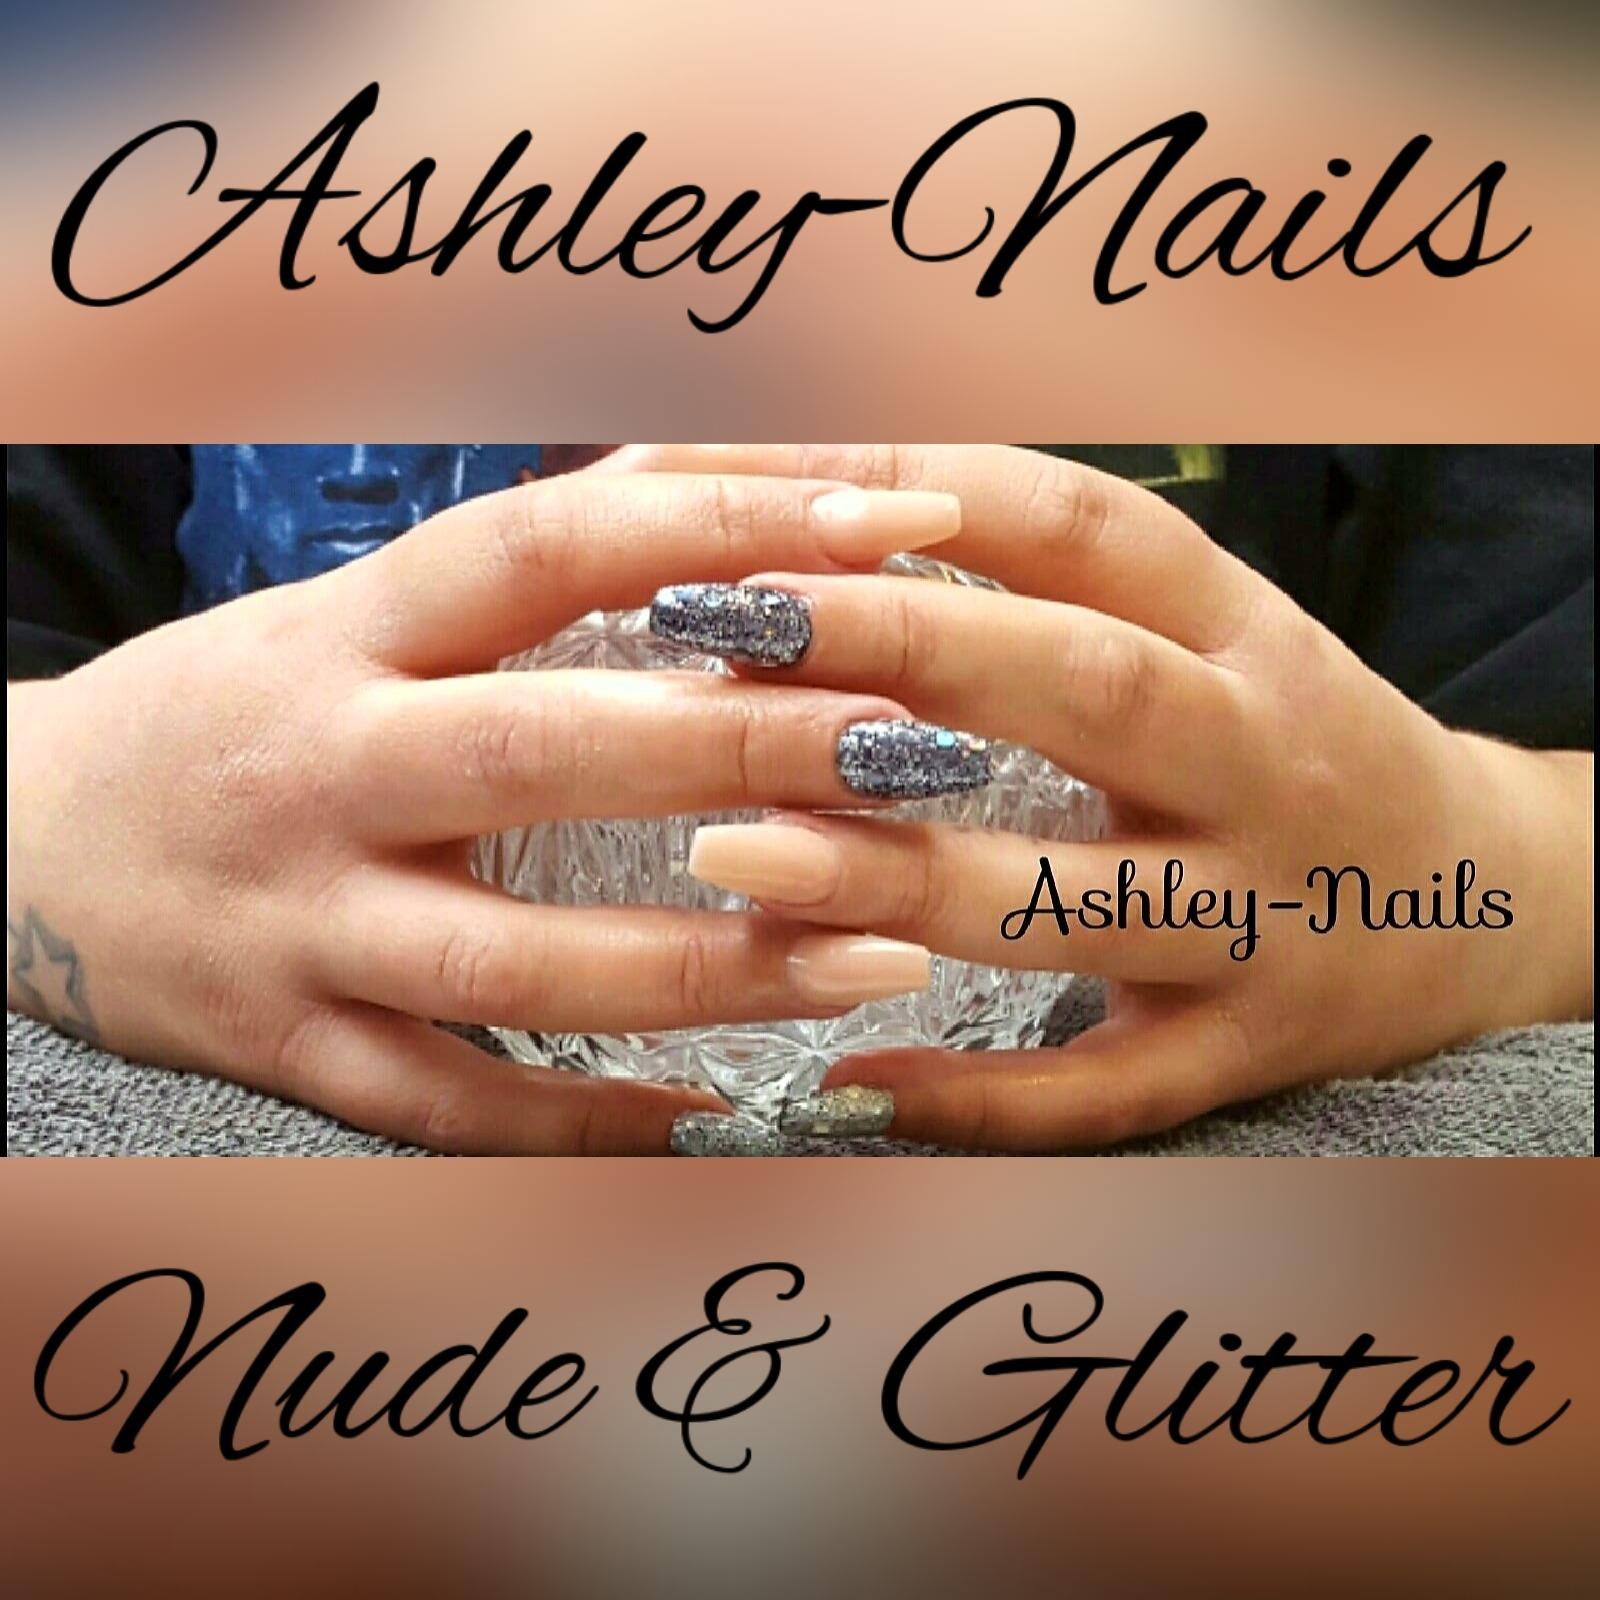 Ashley-Nails: uw nagelstudio in Arnhem voor prachtige kunstnagels - nagelstudio Arnhem